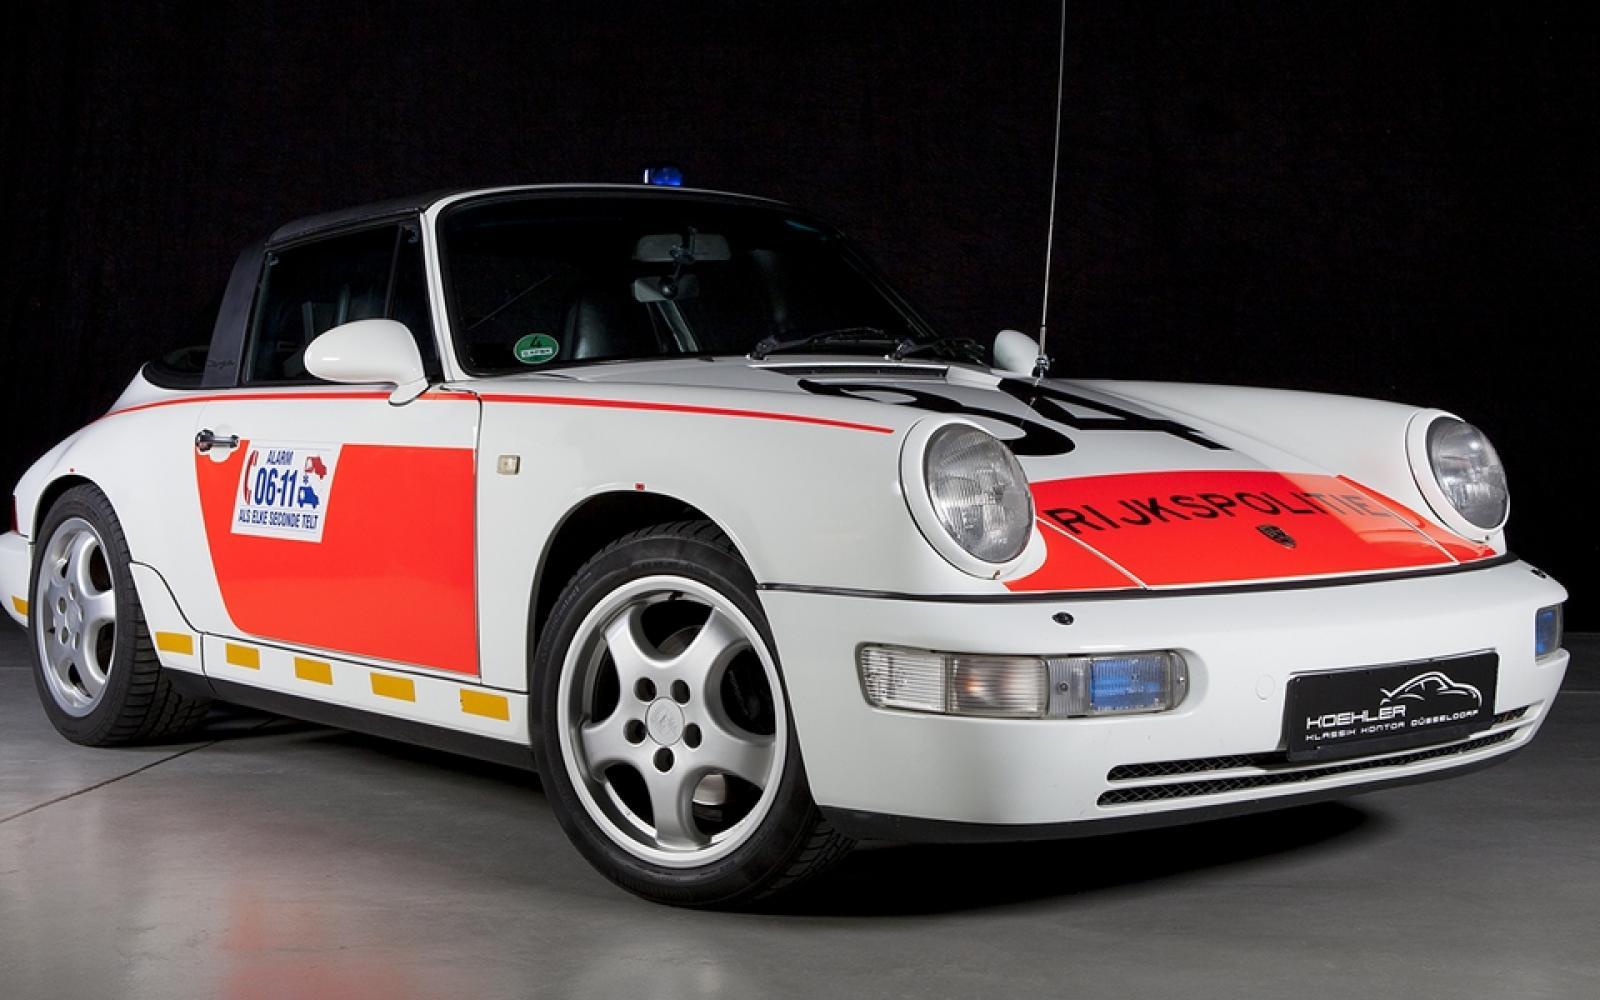 Originele politie Porsche 911 te koop!